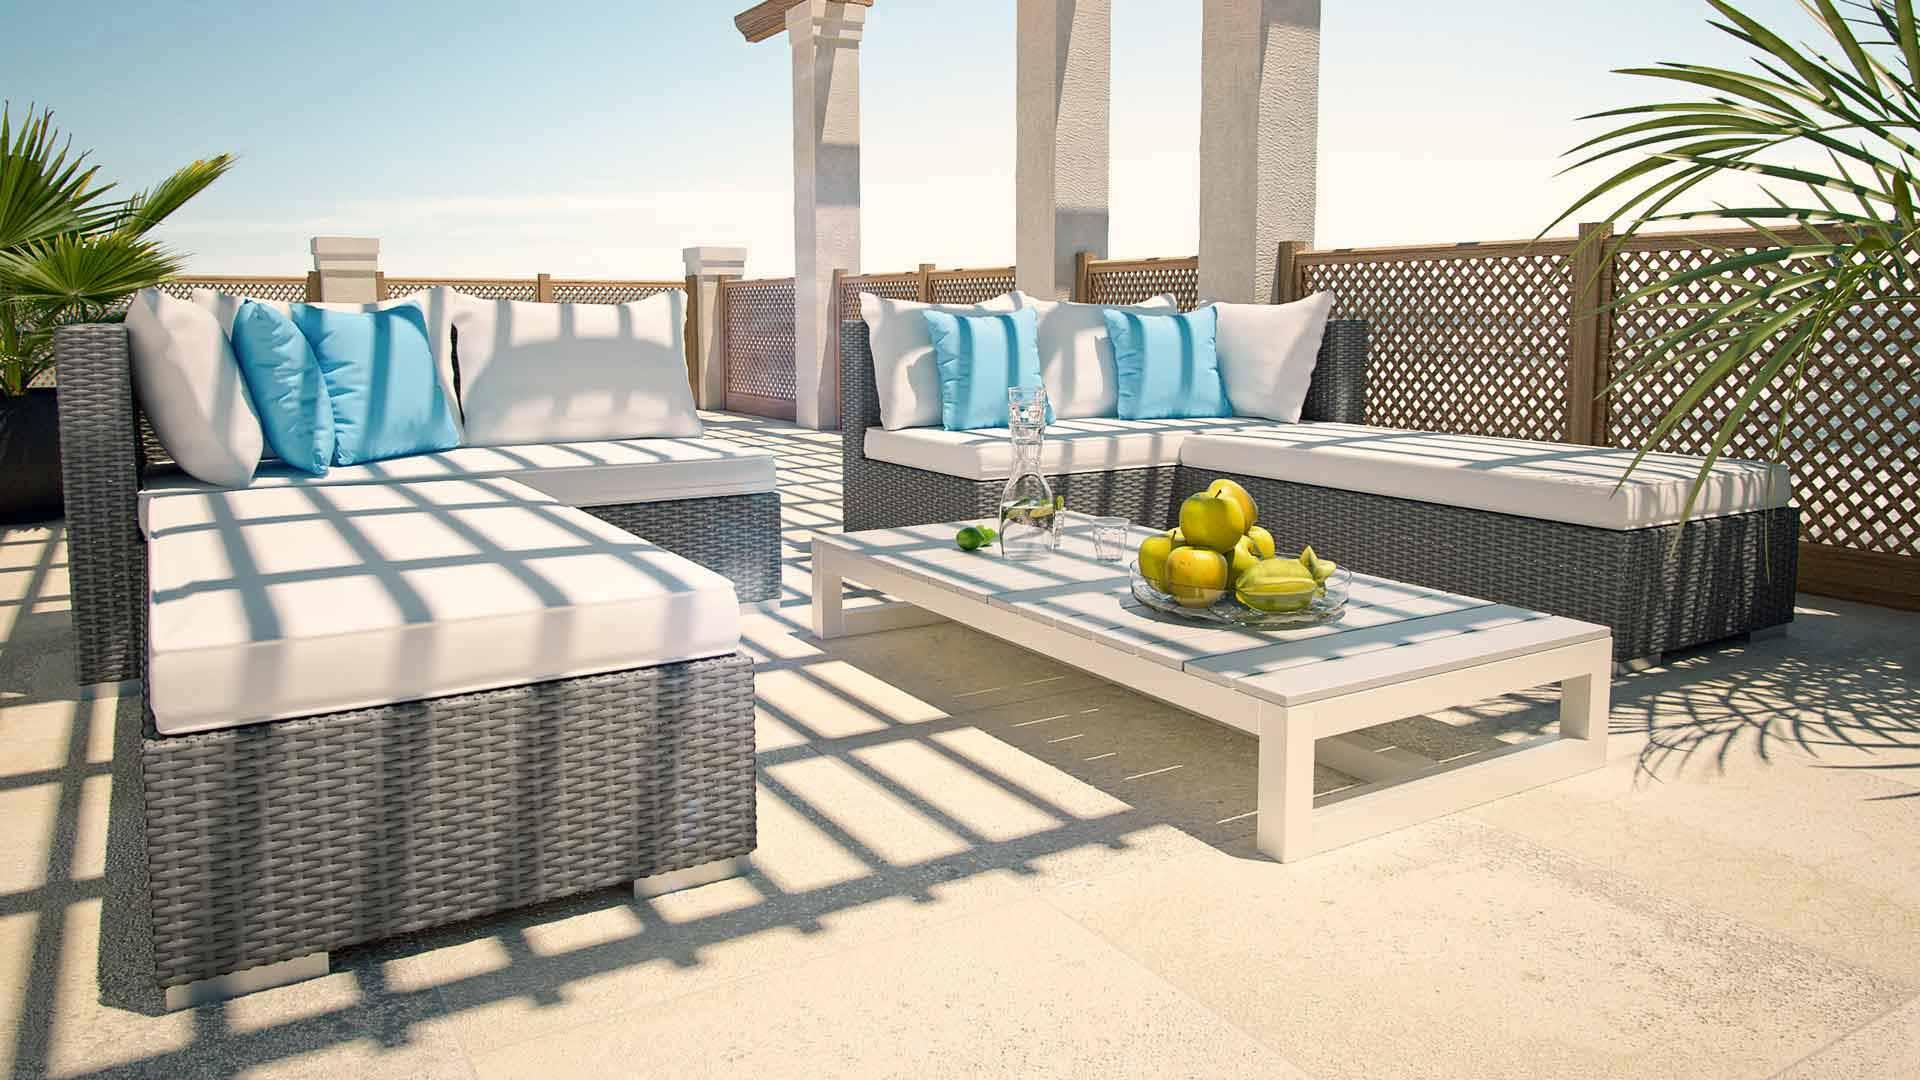 artelia rattan sonneninsel im lounge stil f r garten und terrasse. Black Bedroom Furniture Sets. Home Design Ideas